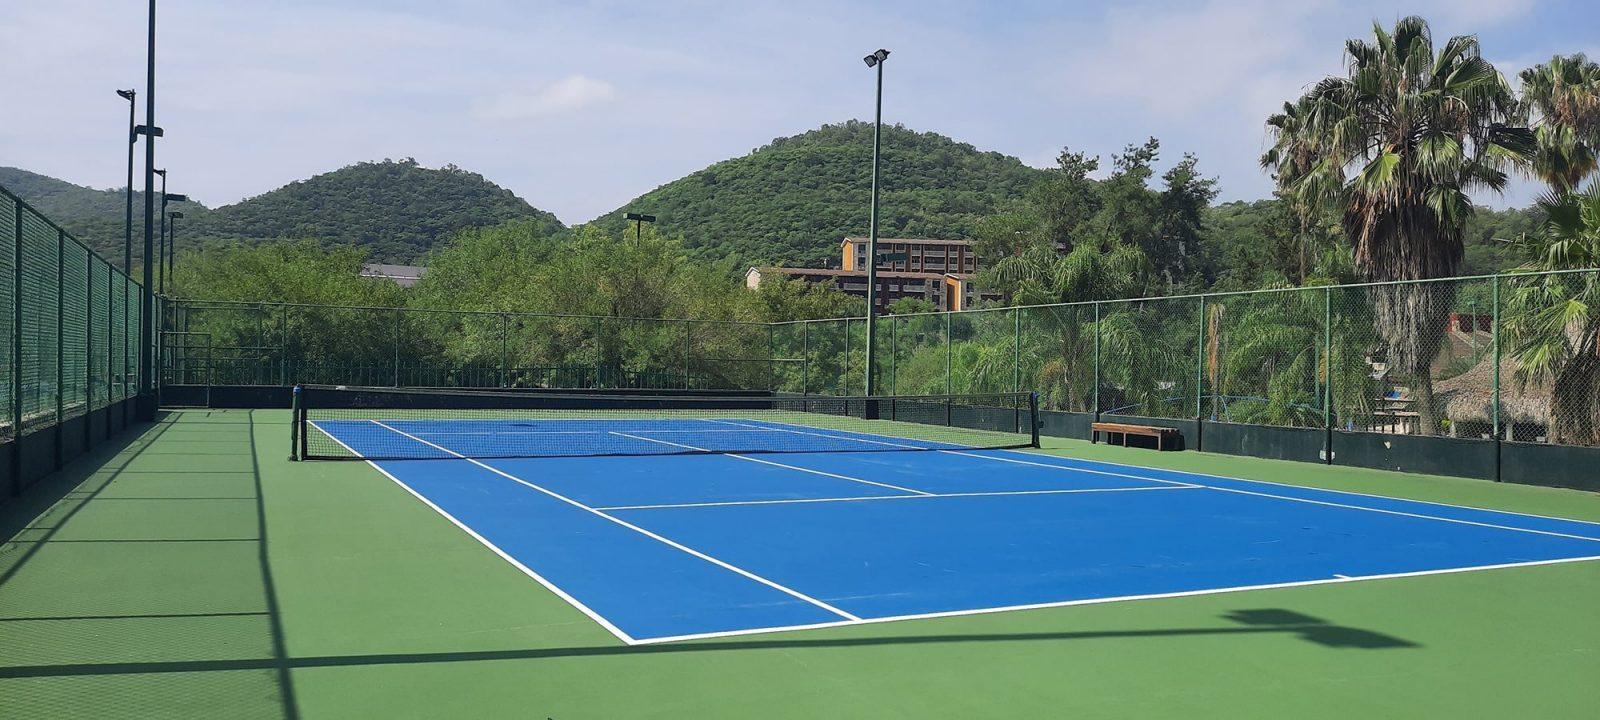 Estadio Voleibol Bahía Escondida